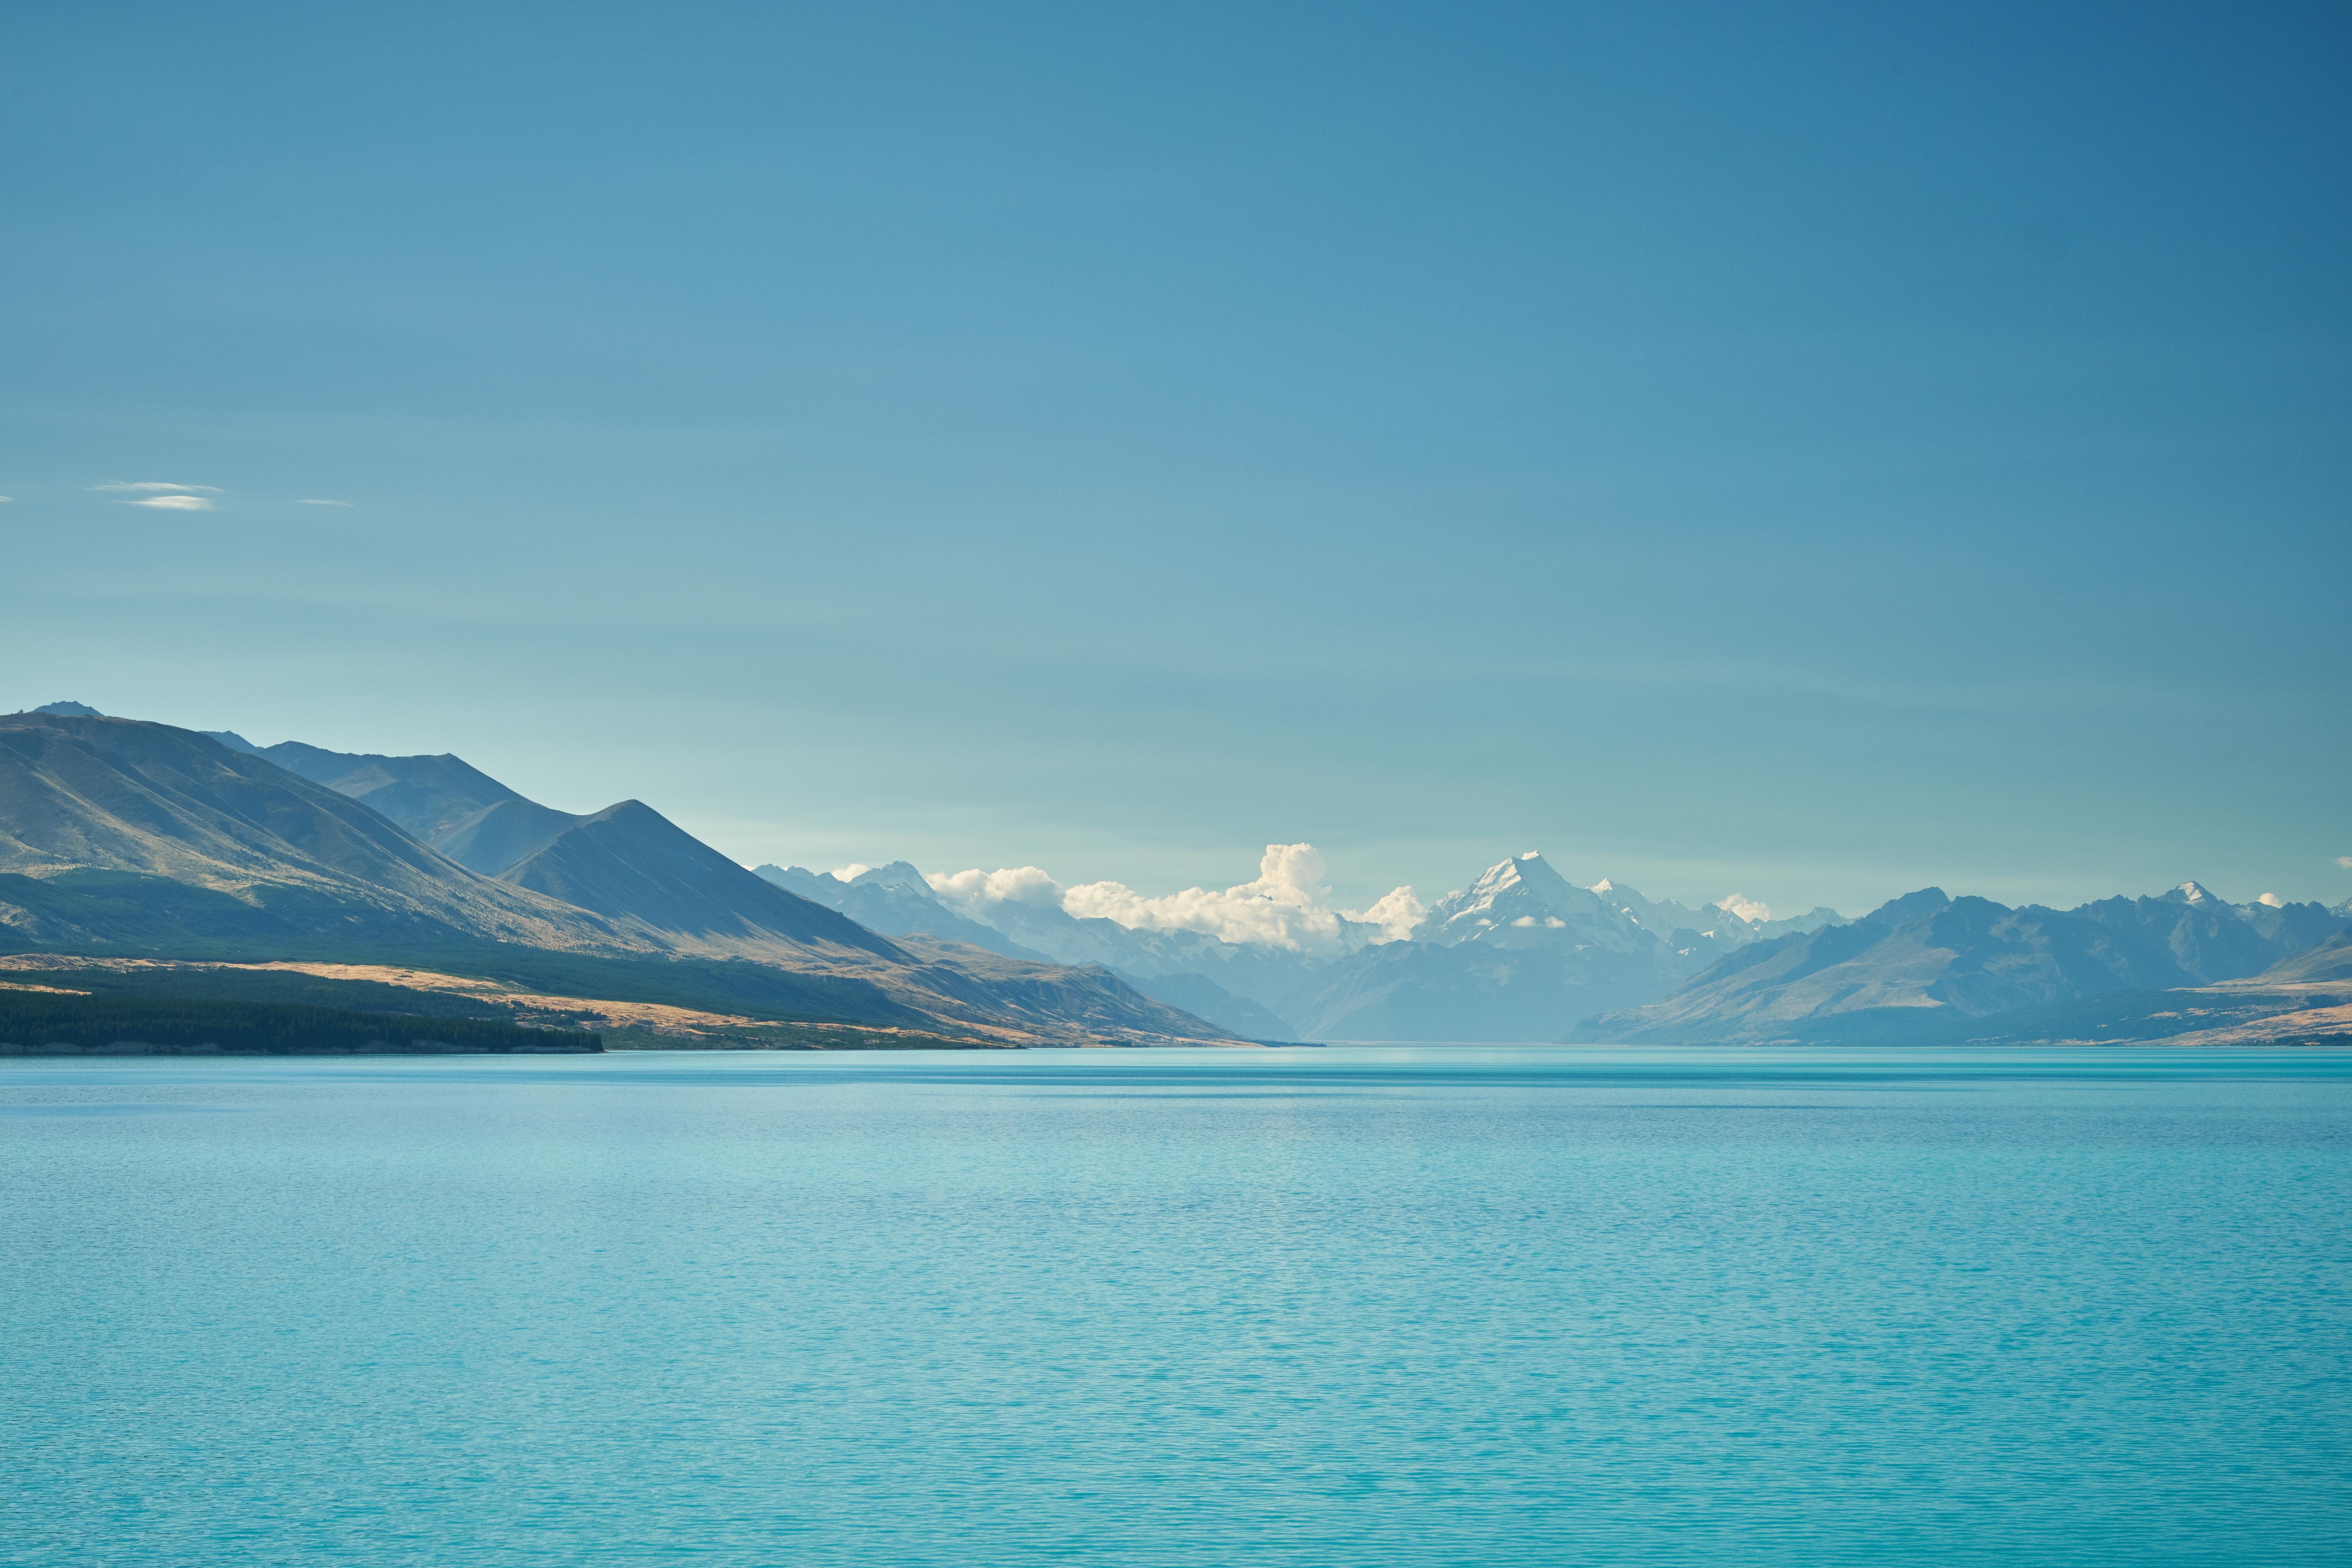 52807 скачать обои Море, Природа, Вода, Небо, Горы, Облака, Горизонт - заставки и картинки бесплатно